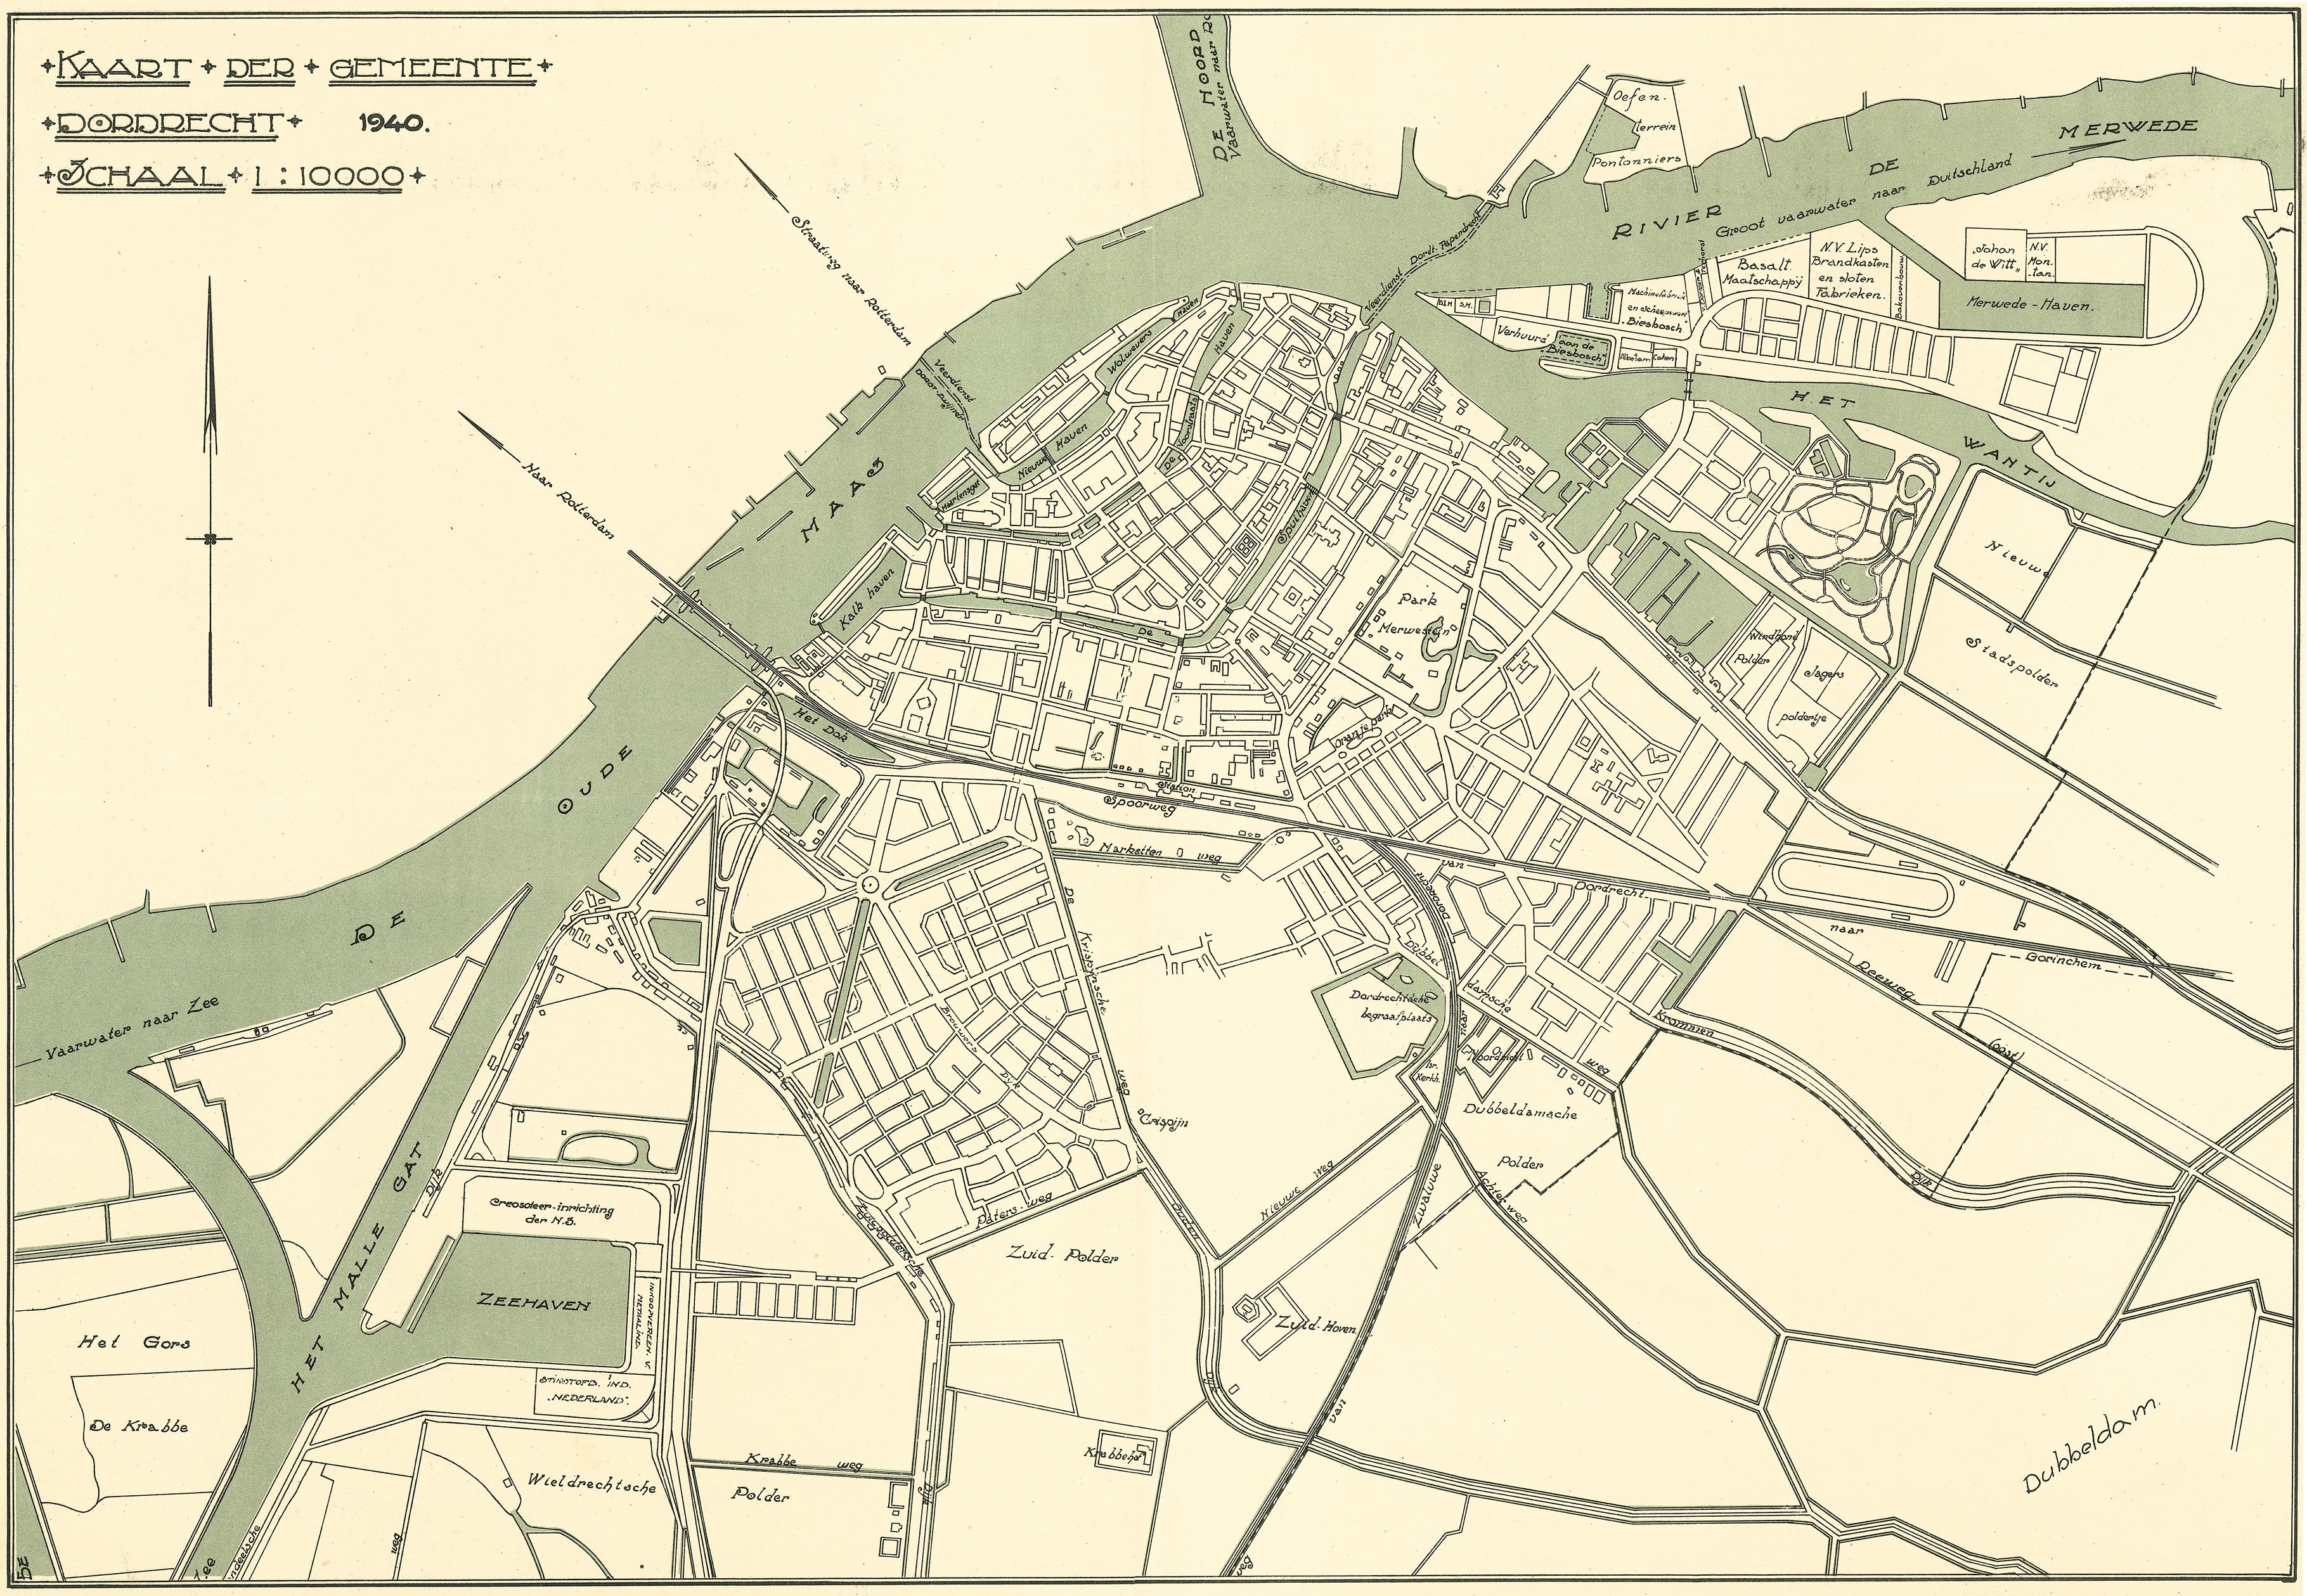 Dordrecht 1e Fase Zuidfront Holland Mei 1940